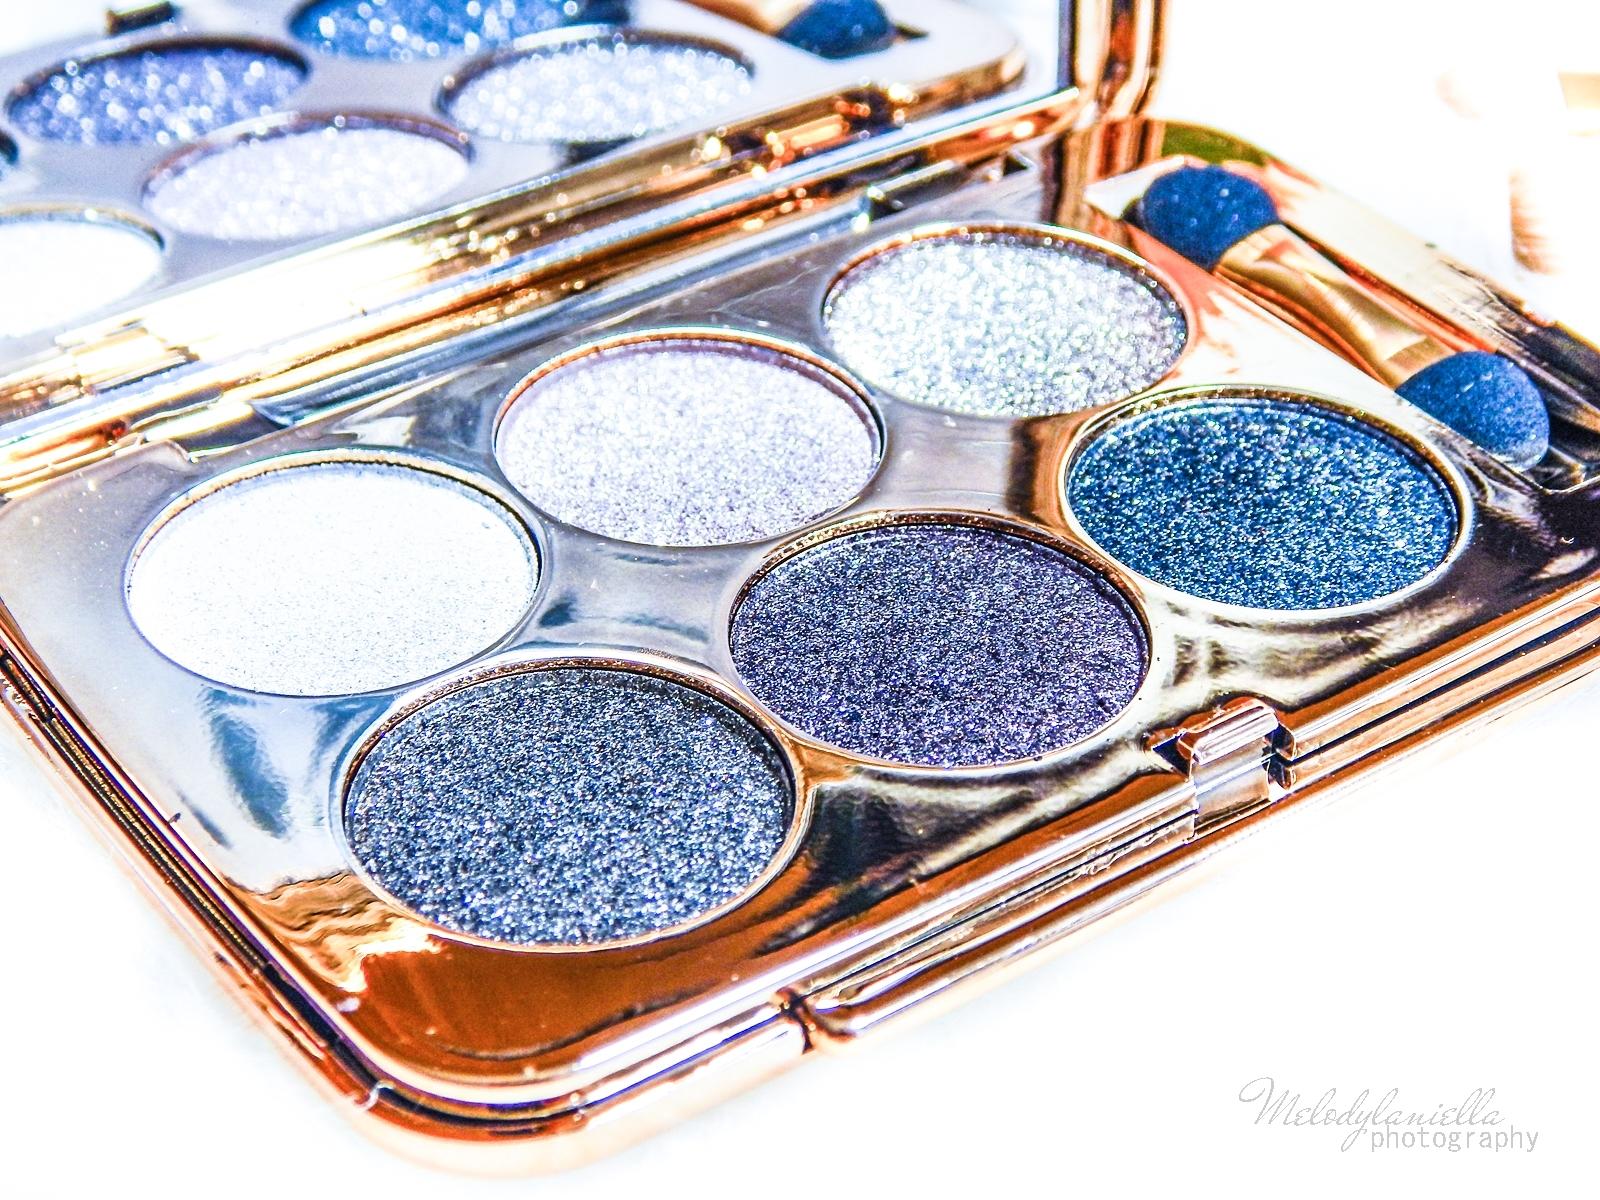 6 azjatyckie chińskie kosmetyki recenzja melodylaniella beauty paleta 6 cieni brokatowe cienie do powiek sammydress cienie do powiek ze złotem i brokatem makeup na karnawał